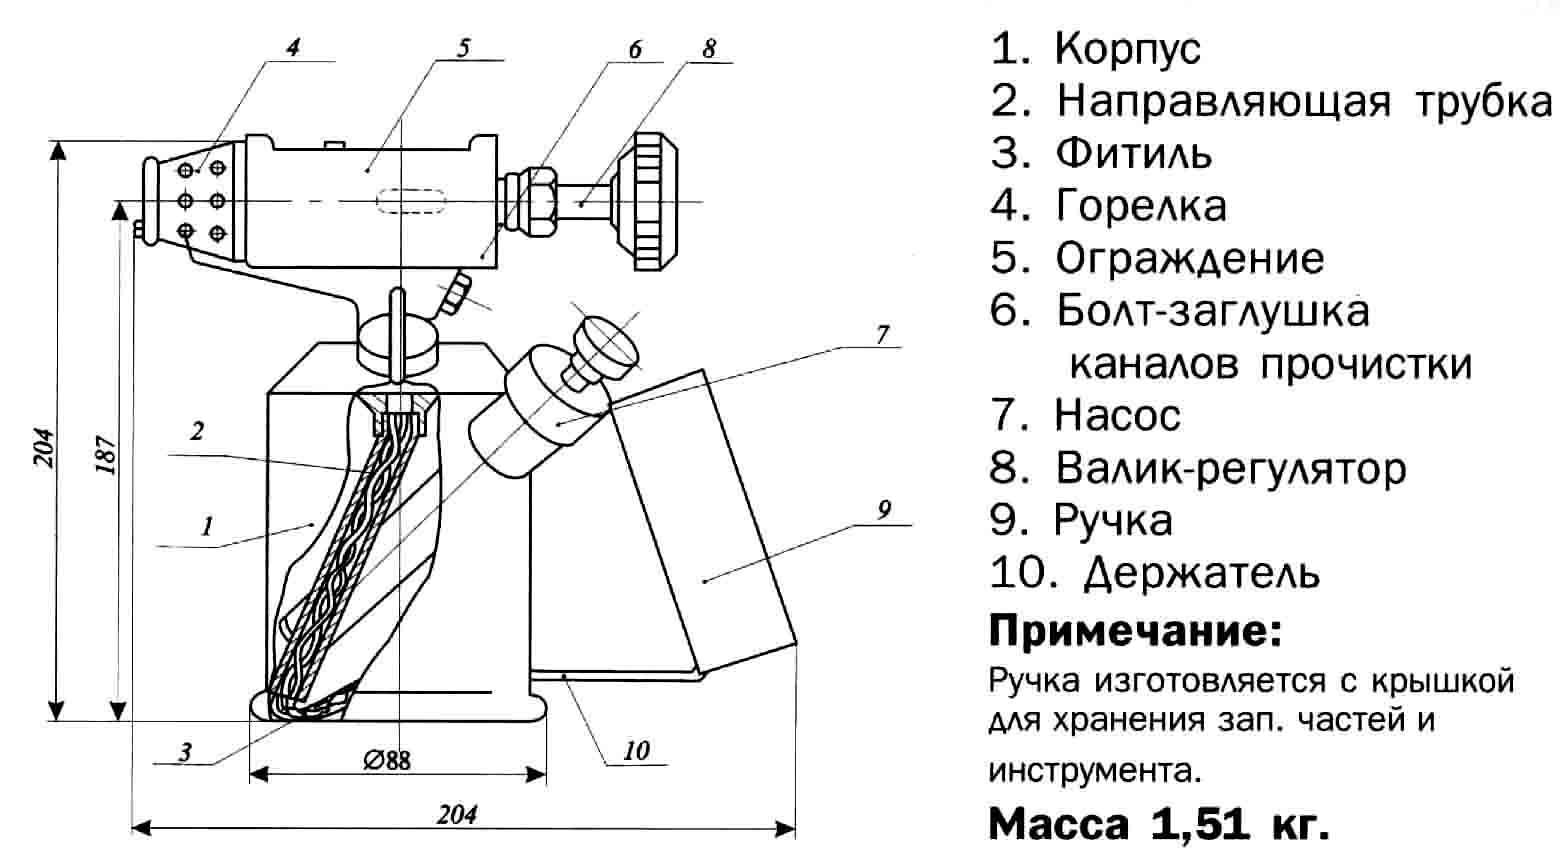 Инструкция паяльной лампы